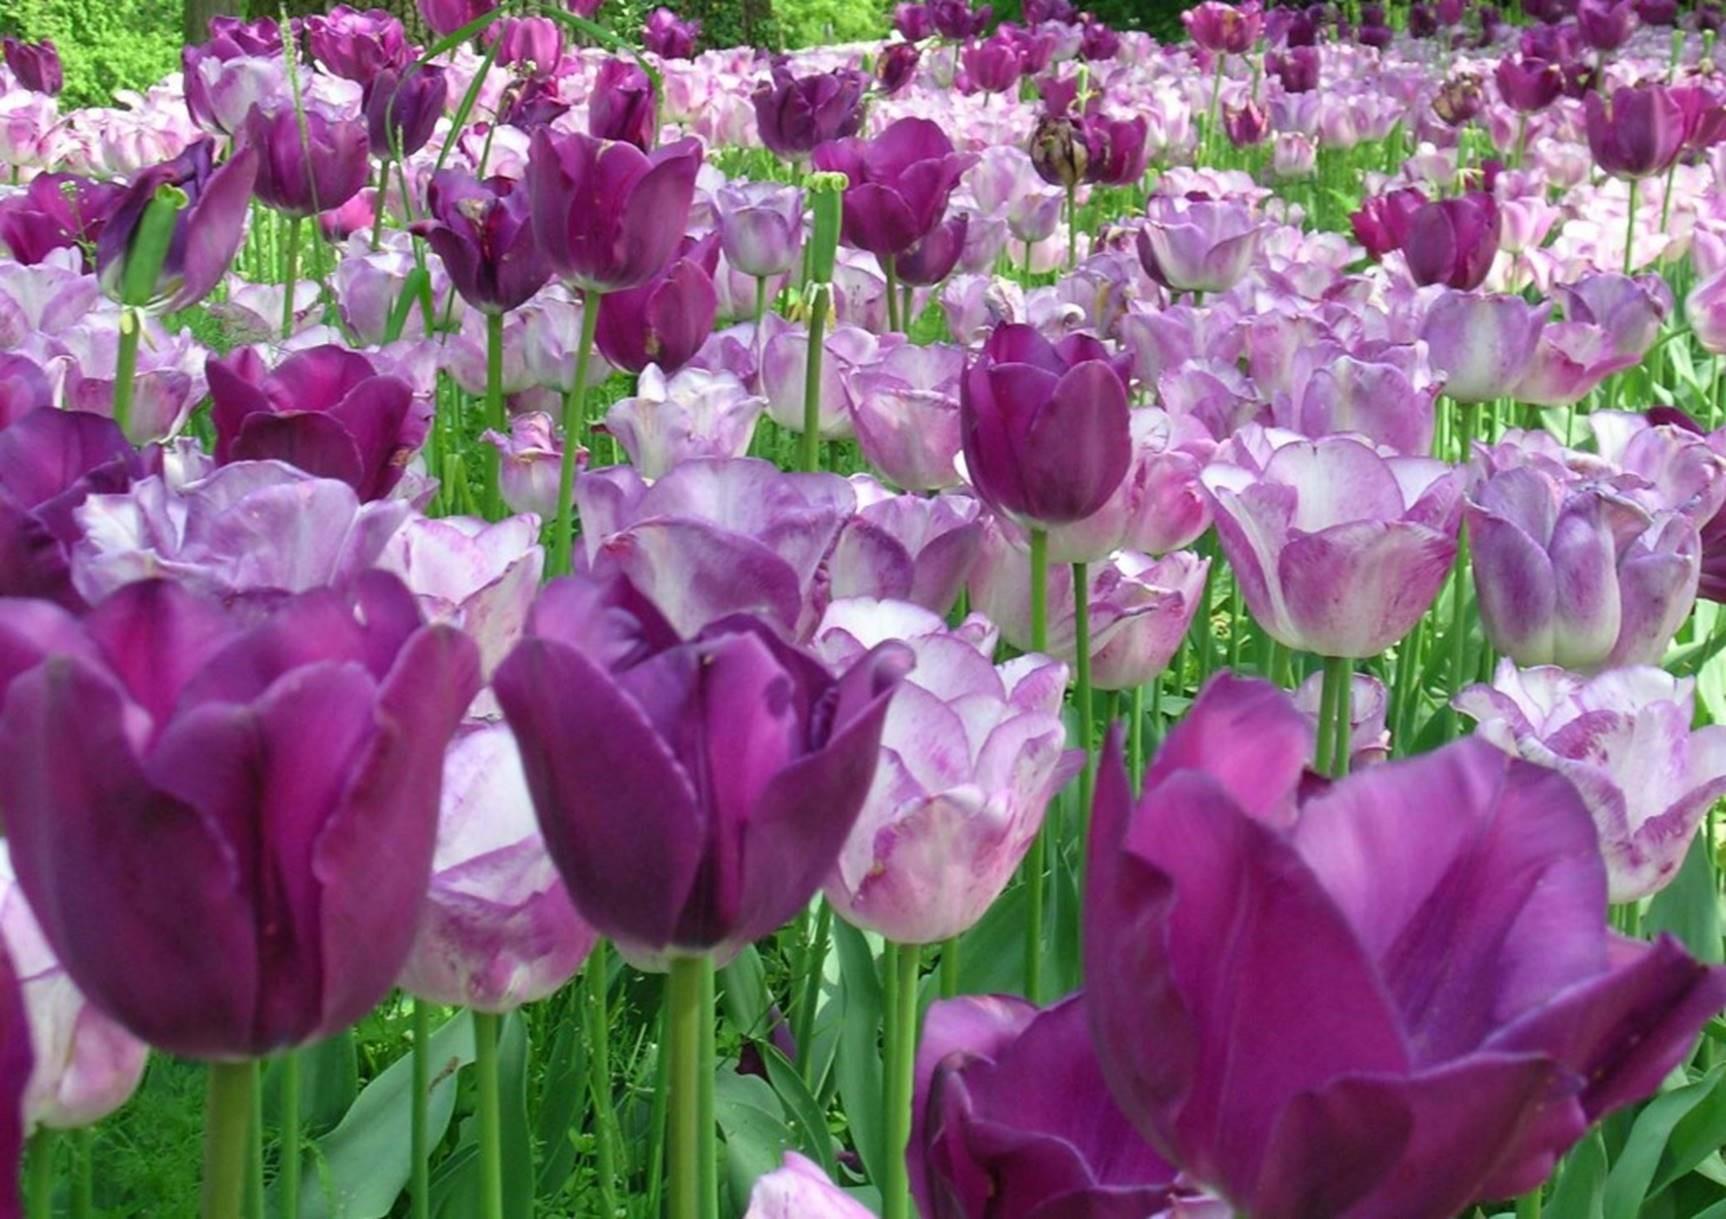 Arrivata la primavera, goditi la bellezza vera!